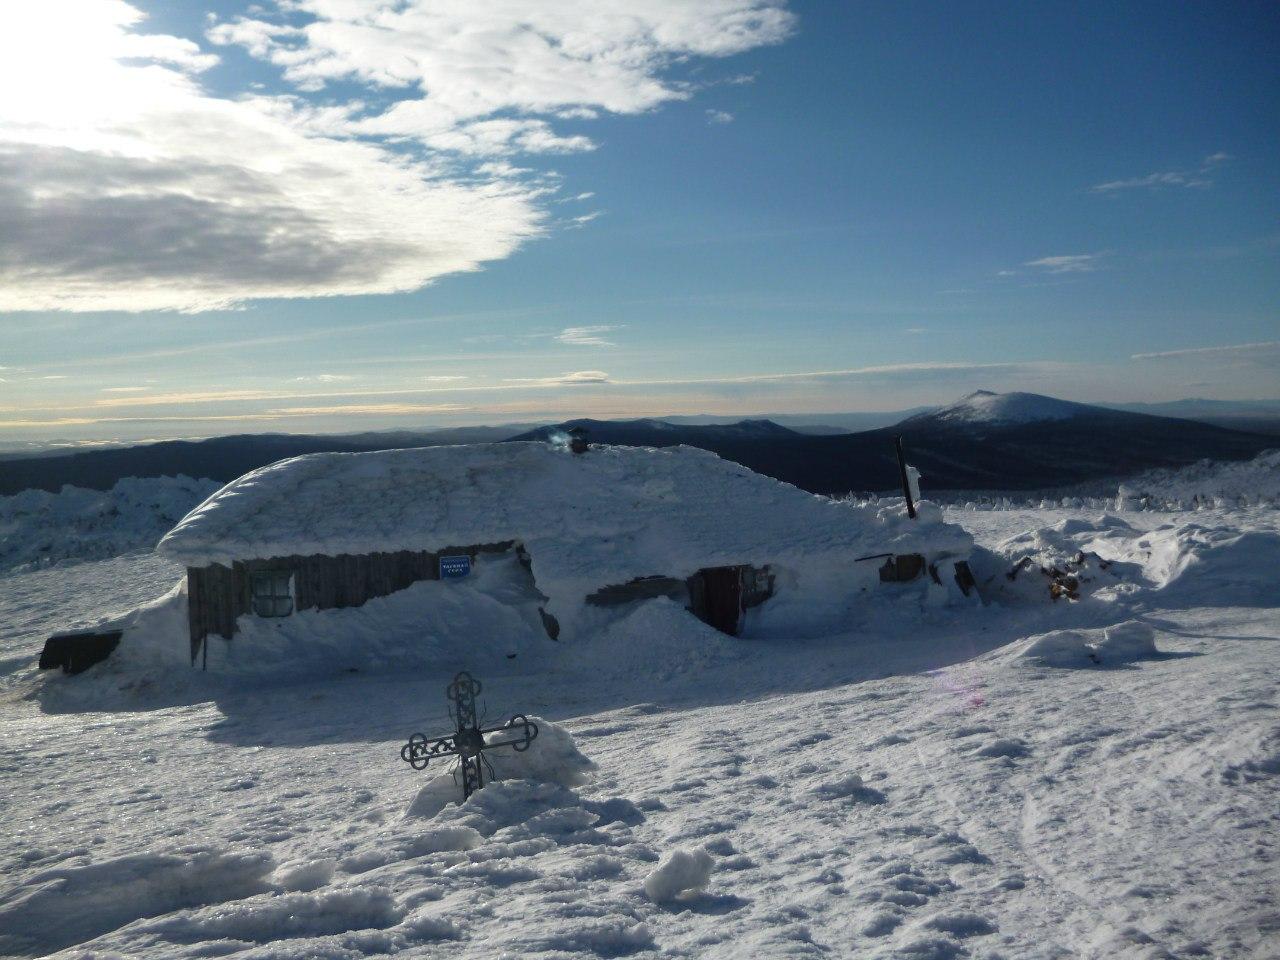 Домик Метеостанции на фоне Круглицы, Таганай (20.12.2015)